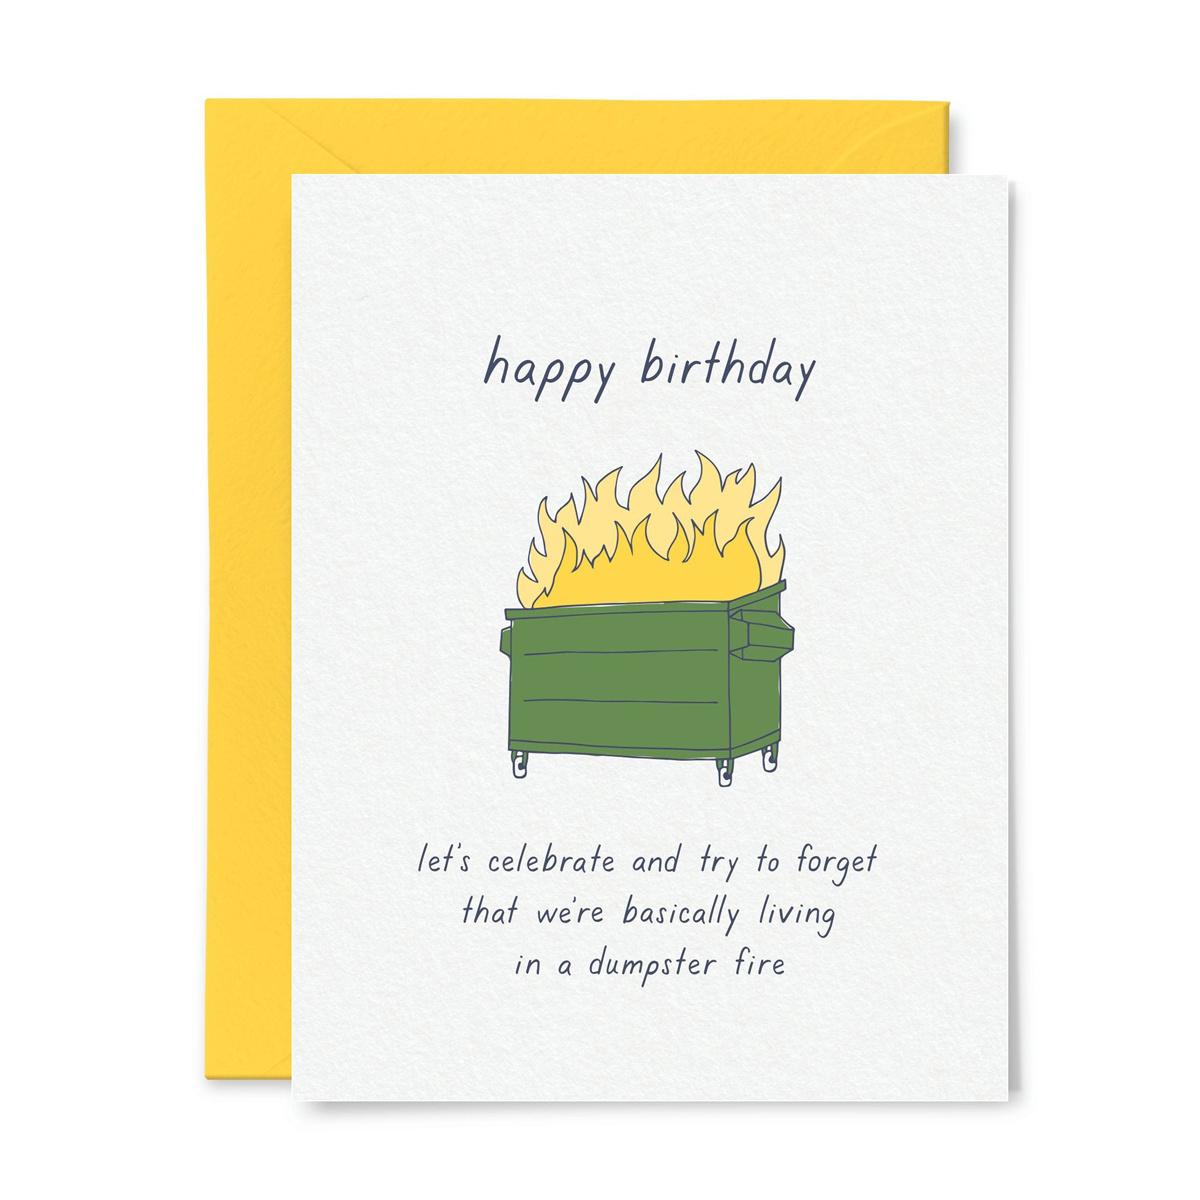 Little Goat Paper Co - LG Dumpster Fire Birthday